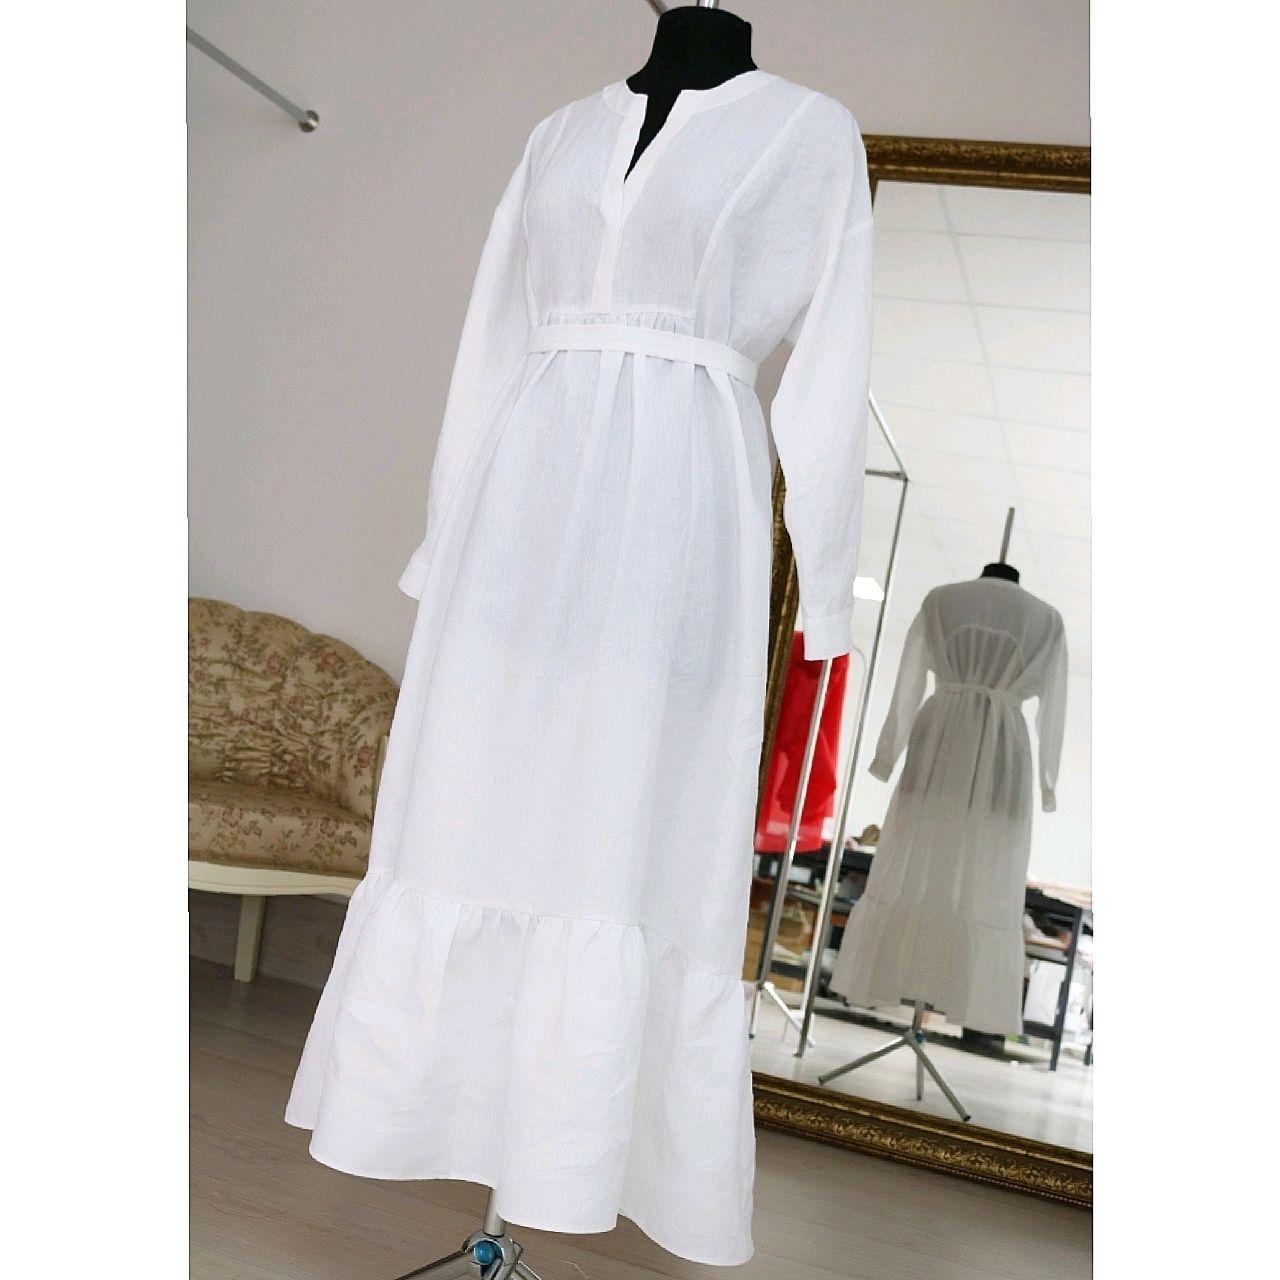 Платья ручной работы. Ярмарка Мастеров - ручная работа. Купить Льняное платье белого цвета. Handmade. Платье, платье из льна